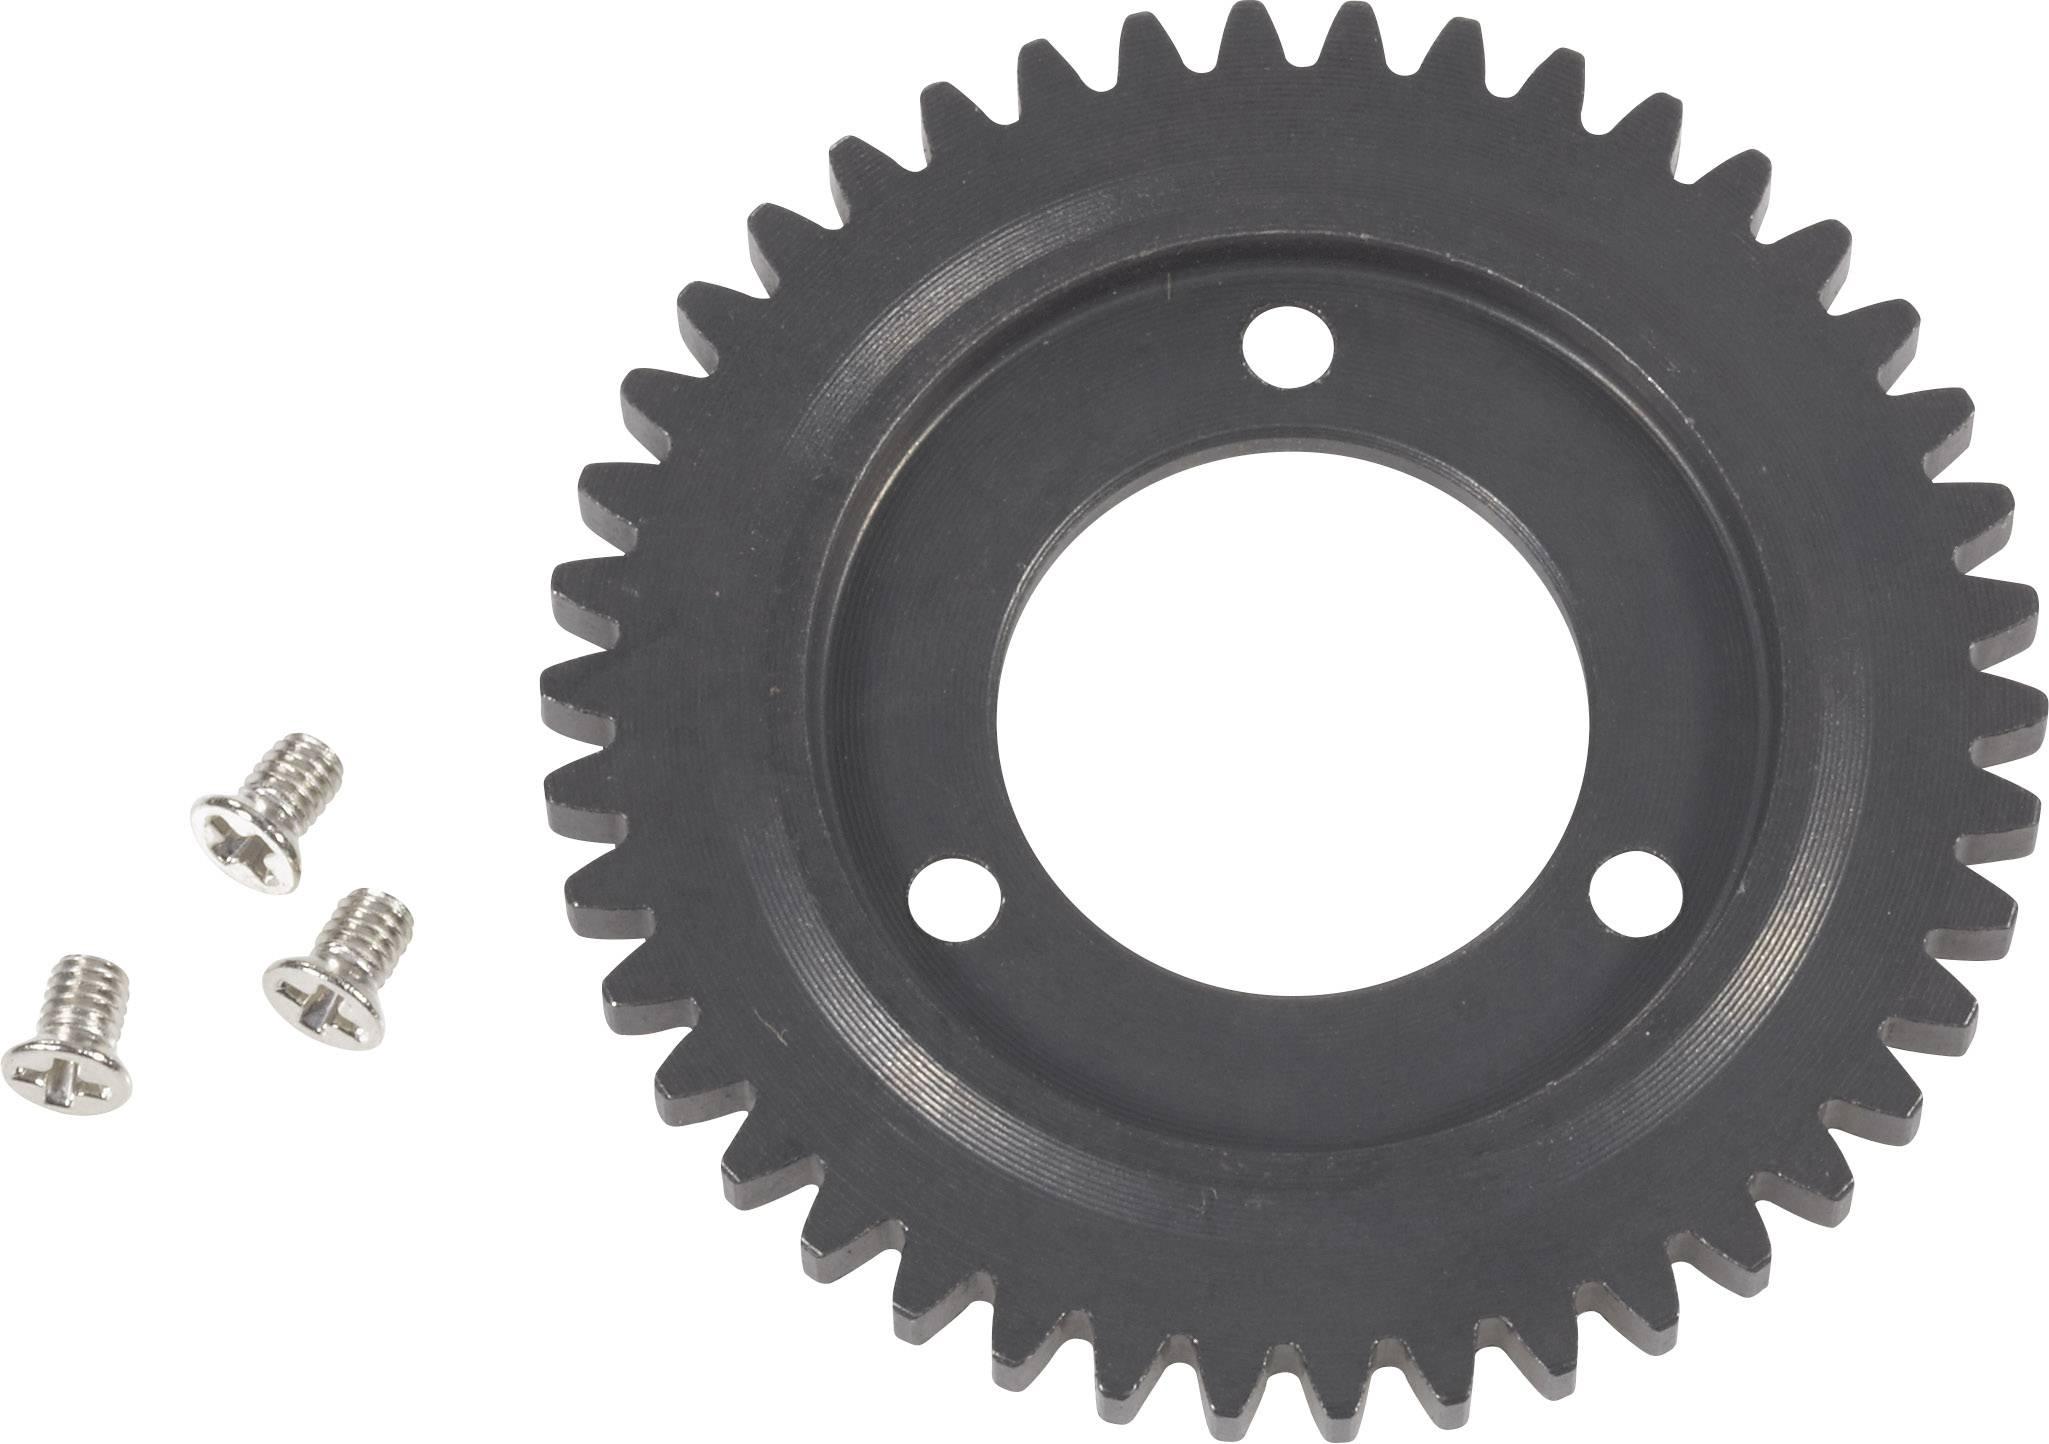 Ocelové hlavní ozubené kolo 2-rychlostní, 42 zubů, 1:10 (SETM065)